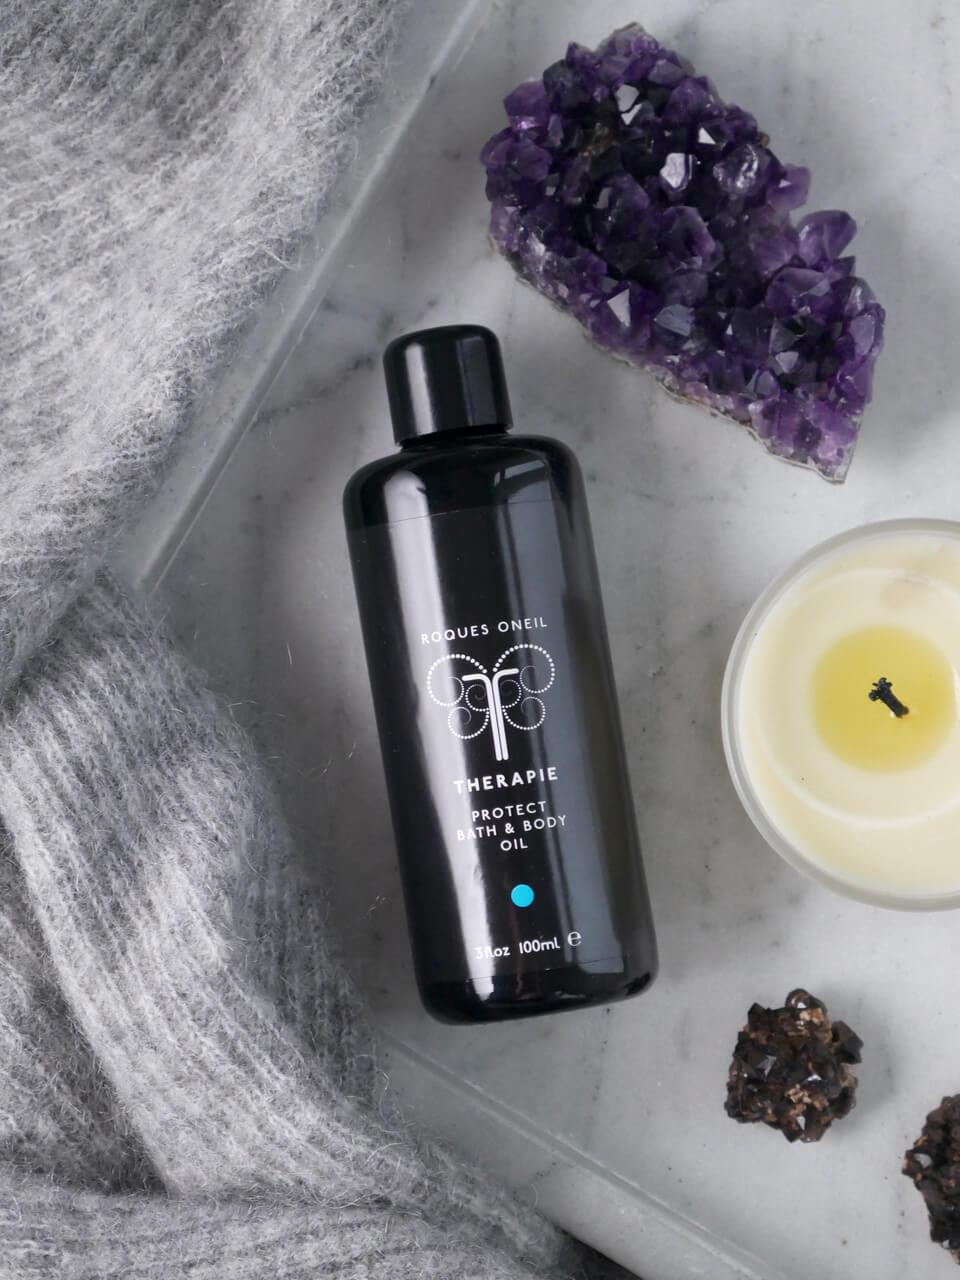 Protect bath & body oil fra Therapie bidrar til å lindre symtomer på forkjølelse og influensa. Essensielle oljer styrker immunforsvaret når du føler deg svak og har behov for pleie og ro.